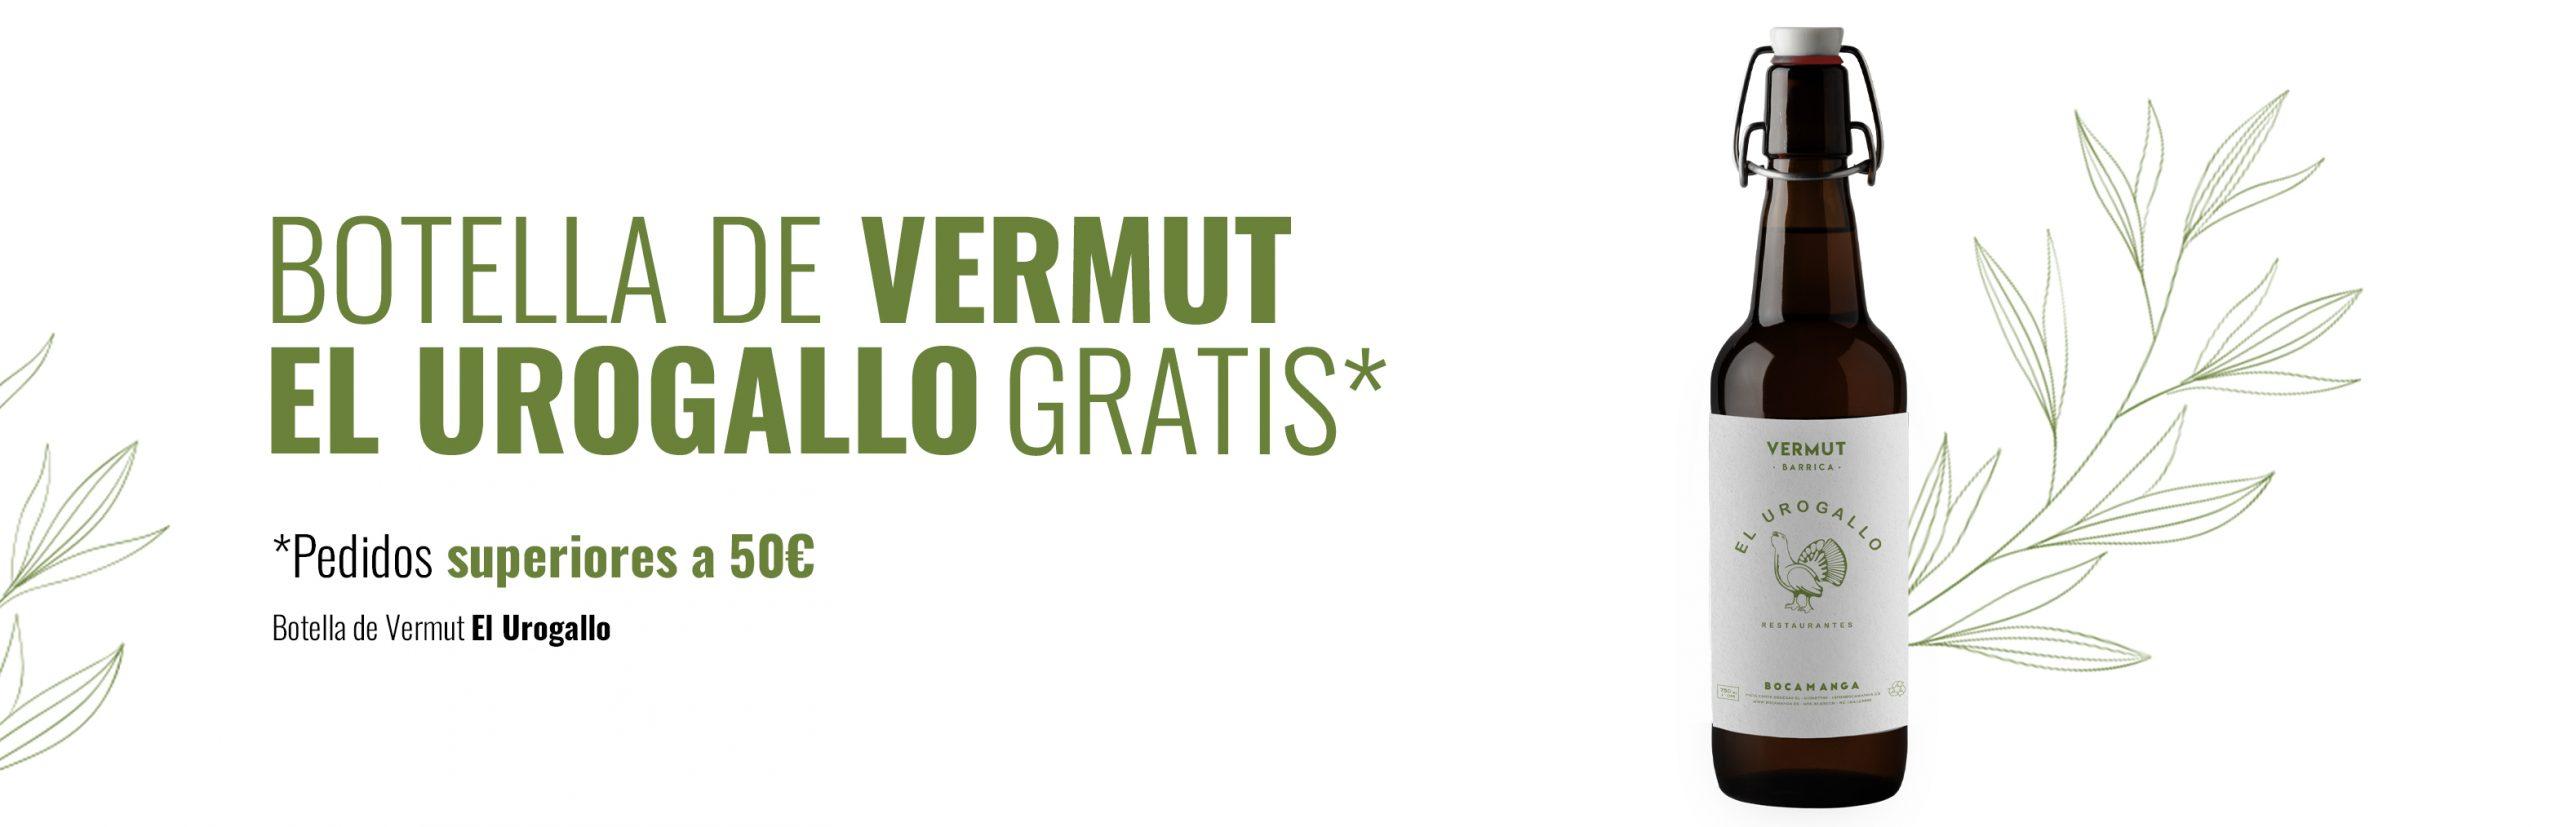 Vermut El Urogallo